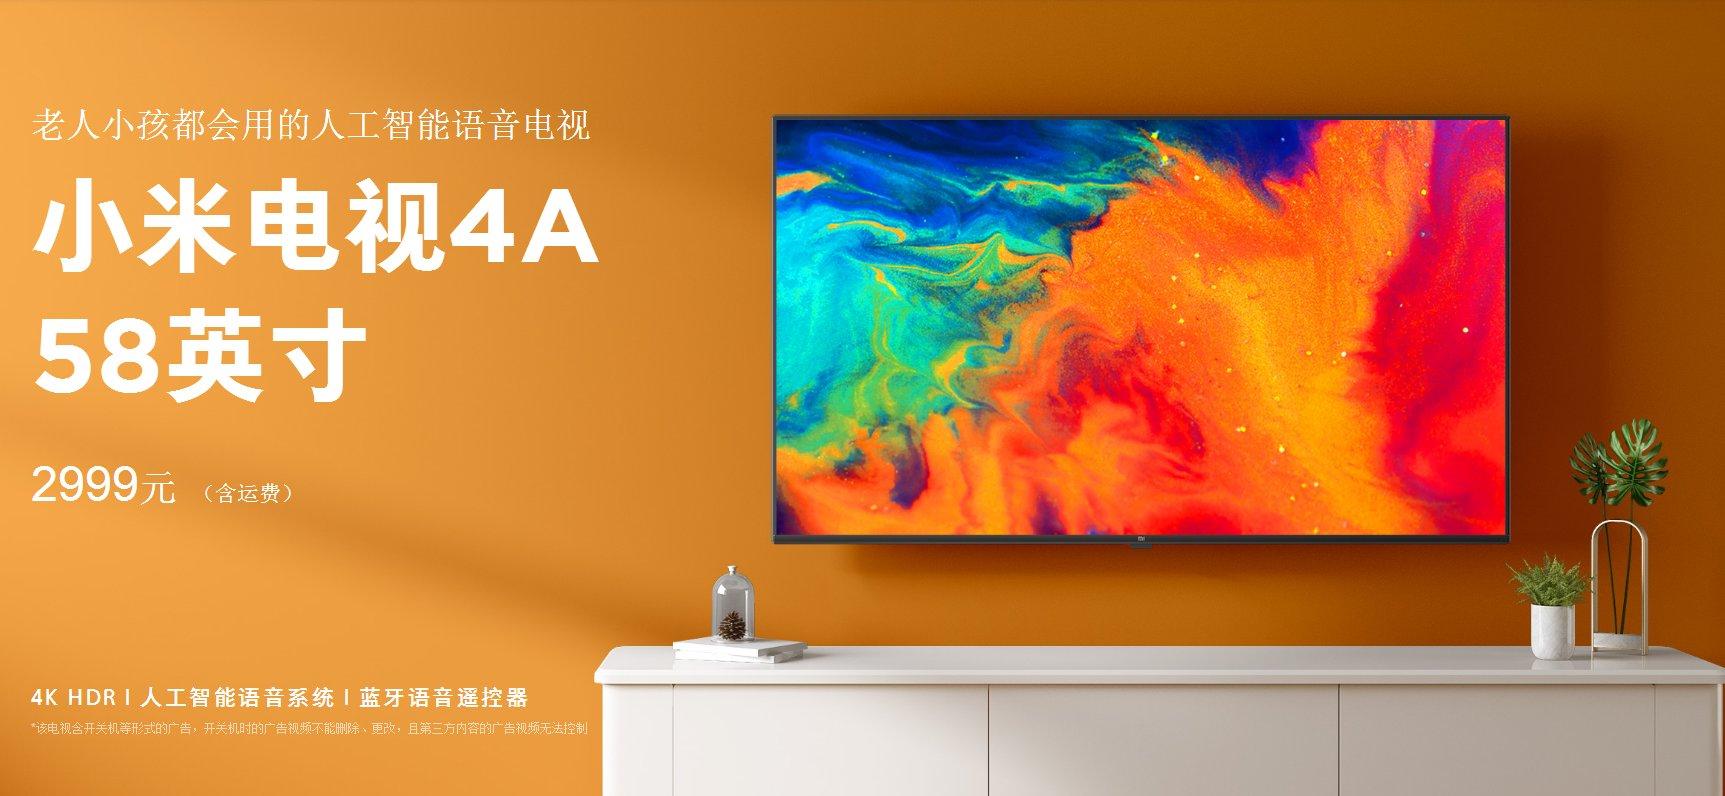 小米电视4A 58英寸新品发布 4K超高清仅售2999元!